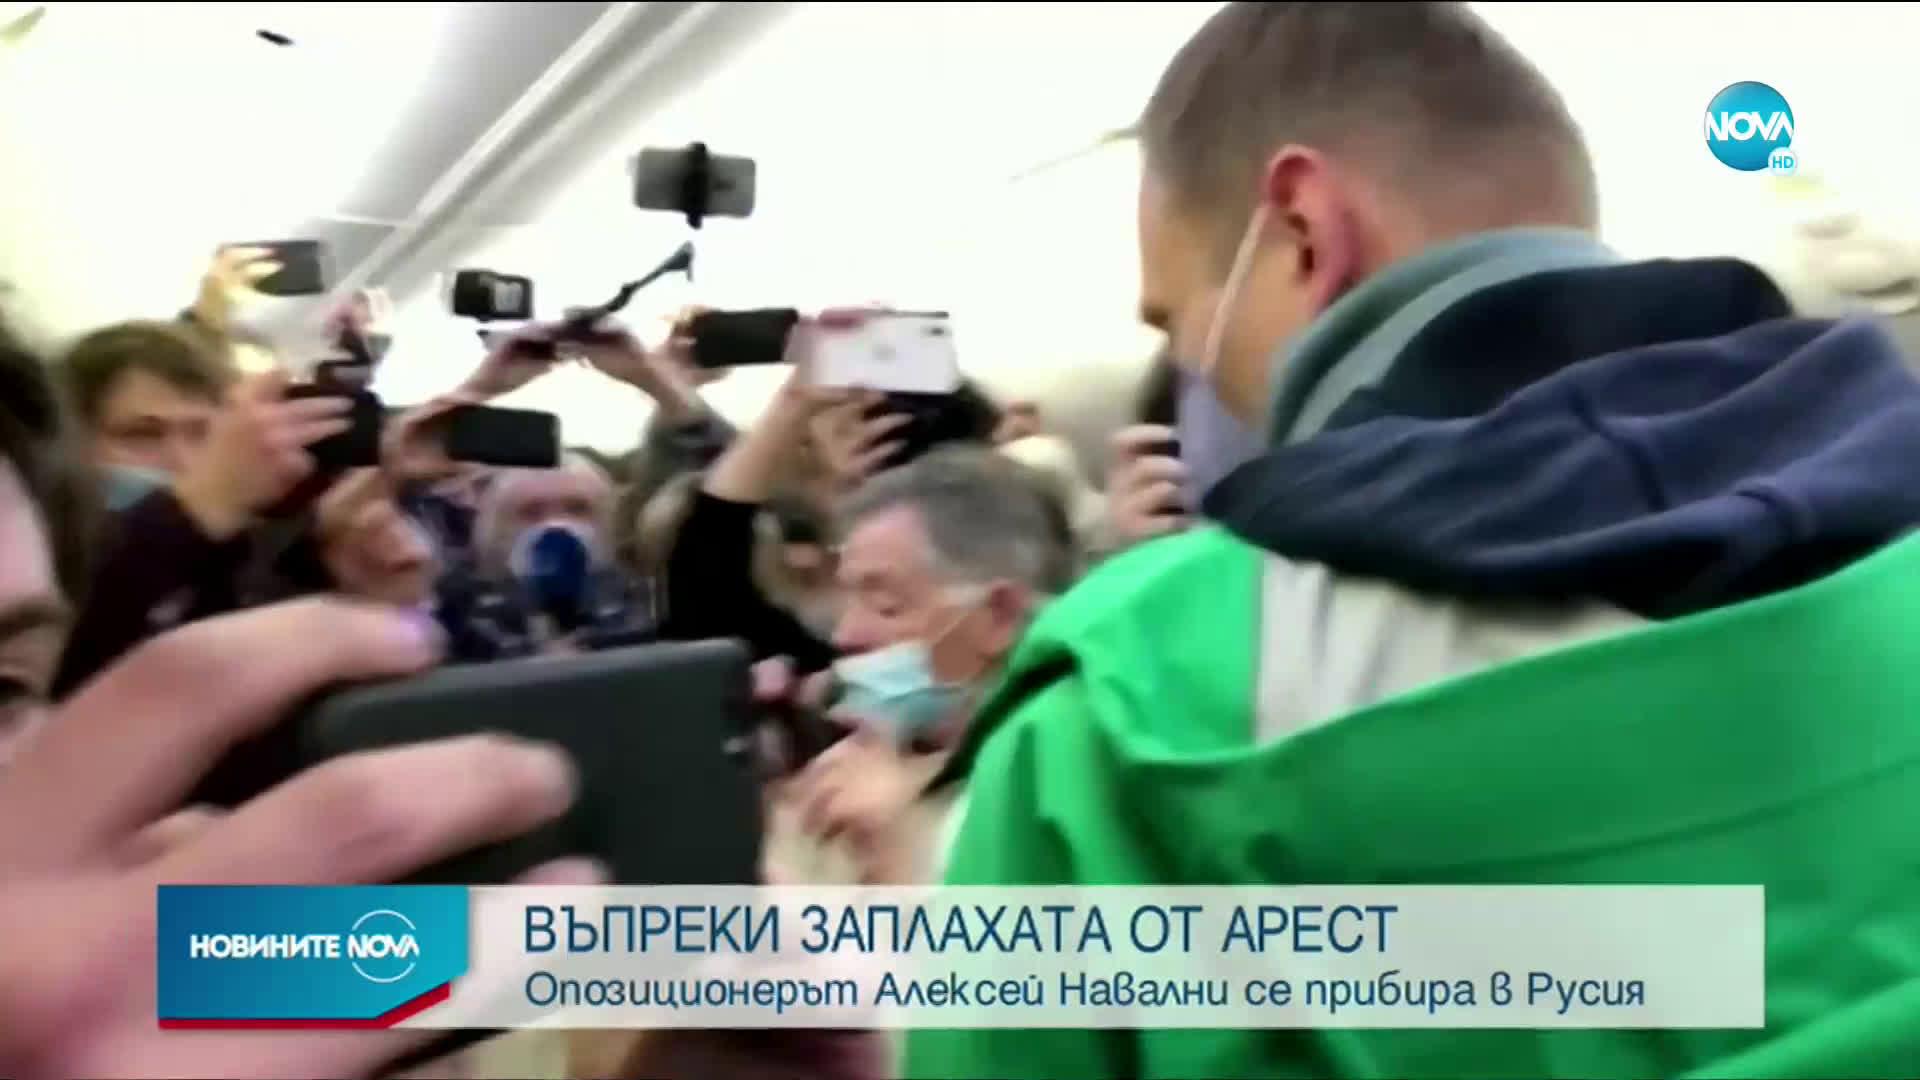 Oпозиционният лидер Навални се прибра в Русия